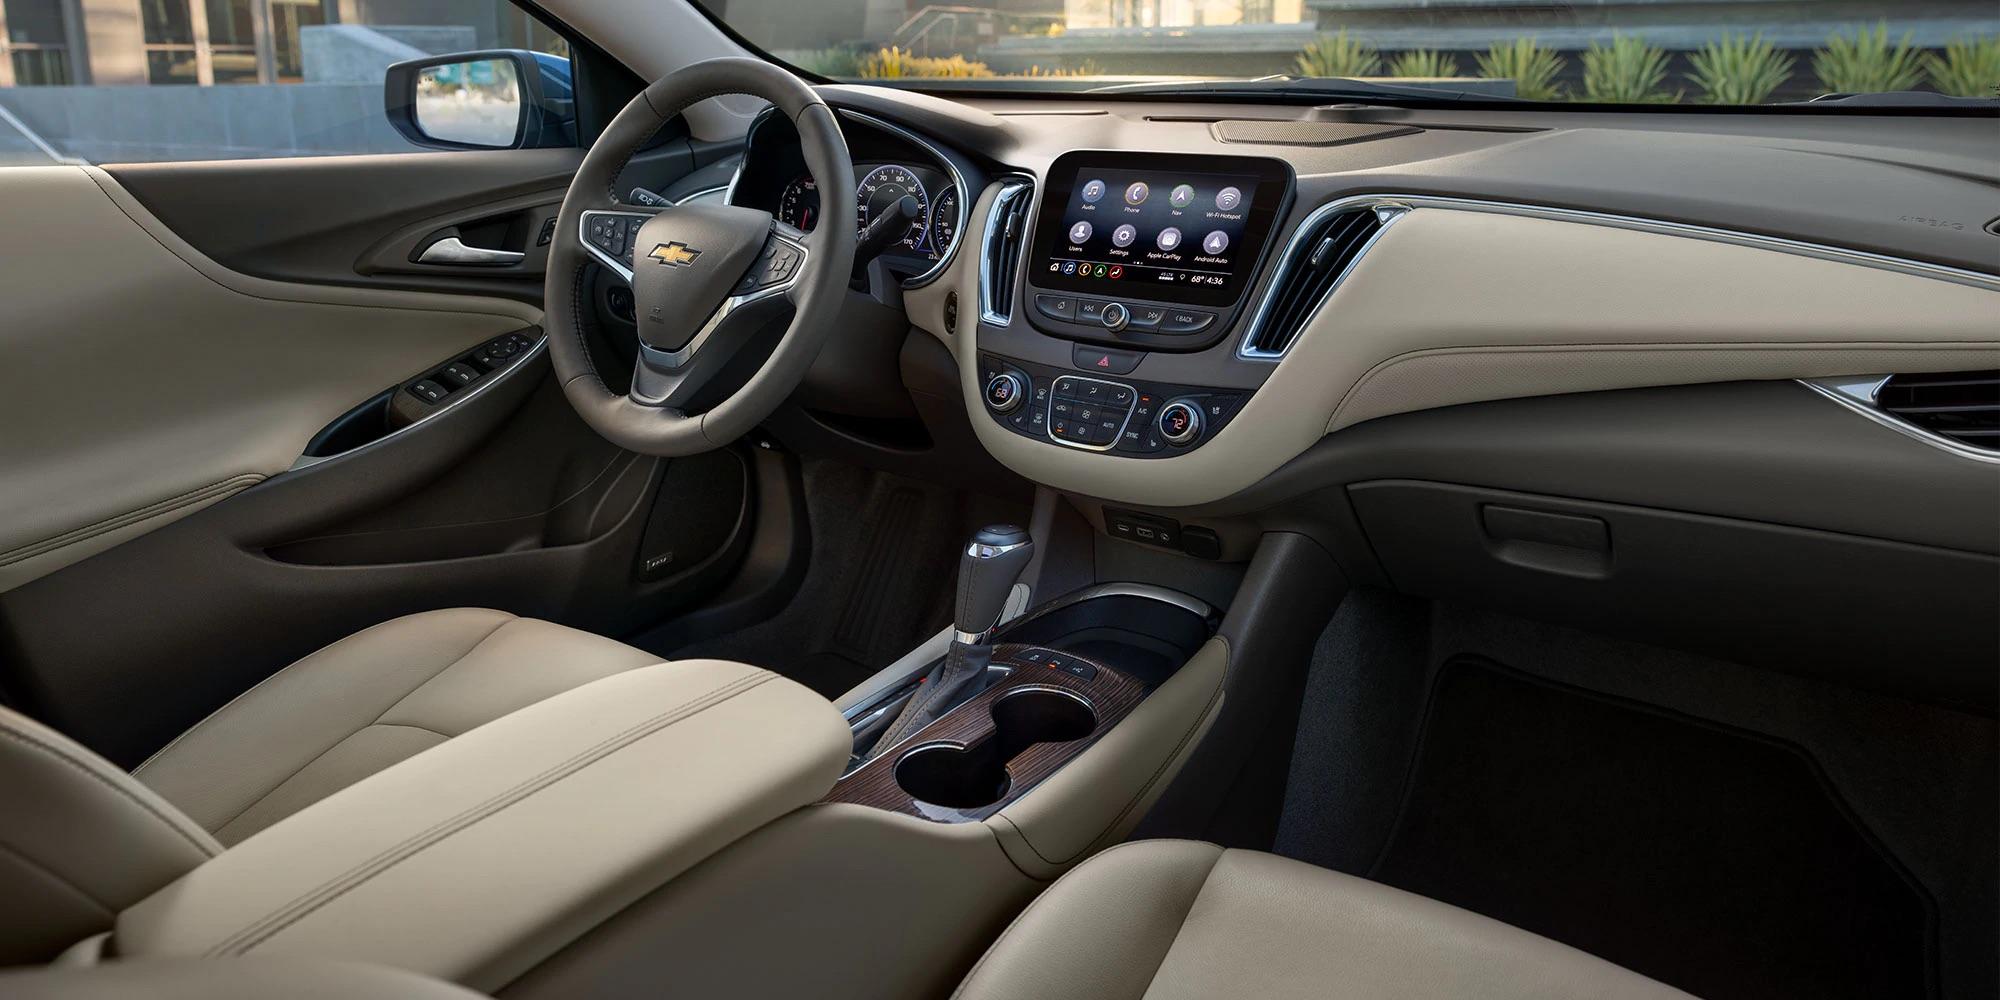 Moderno interior del Chevrolet Malibu 2020